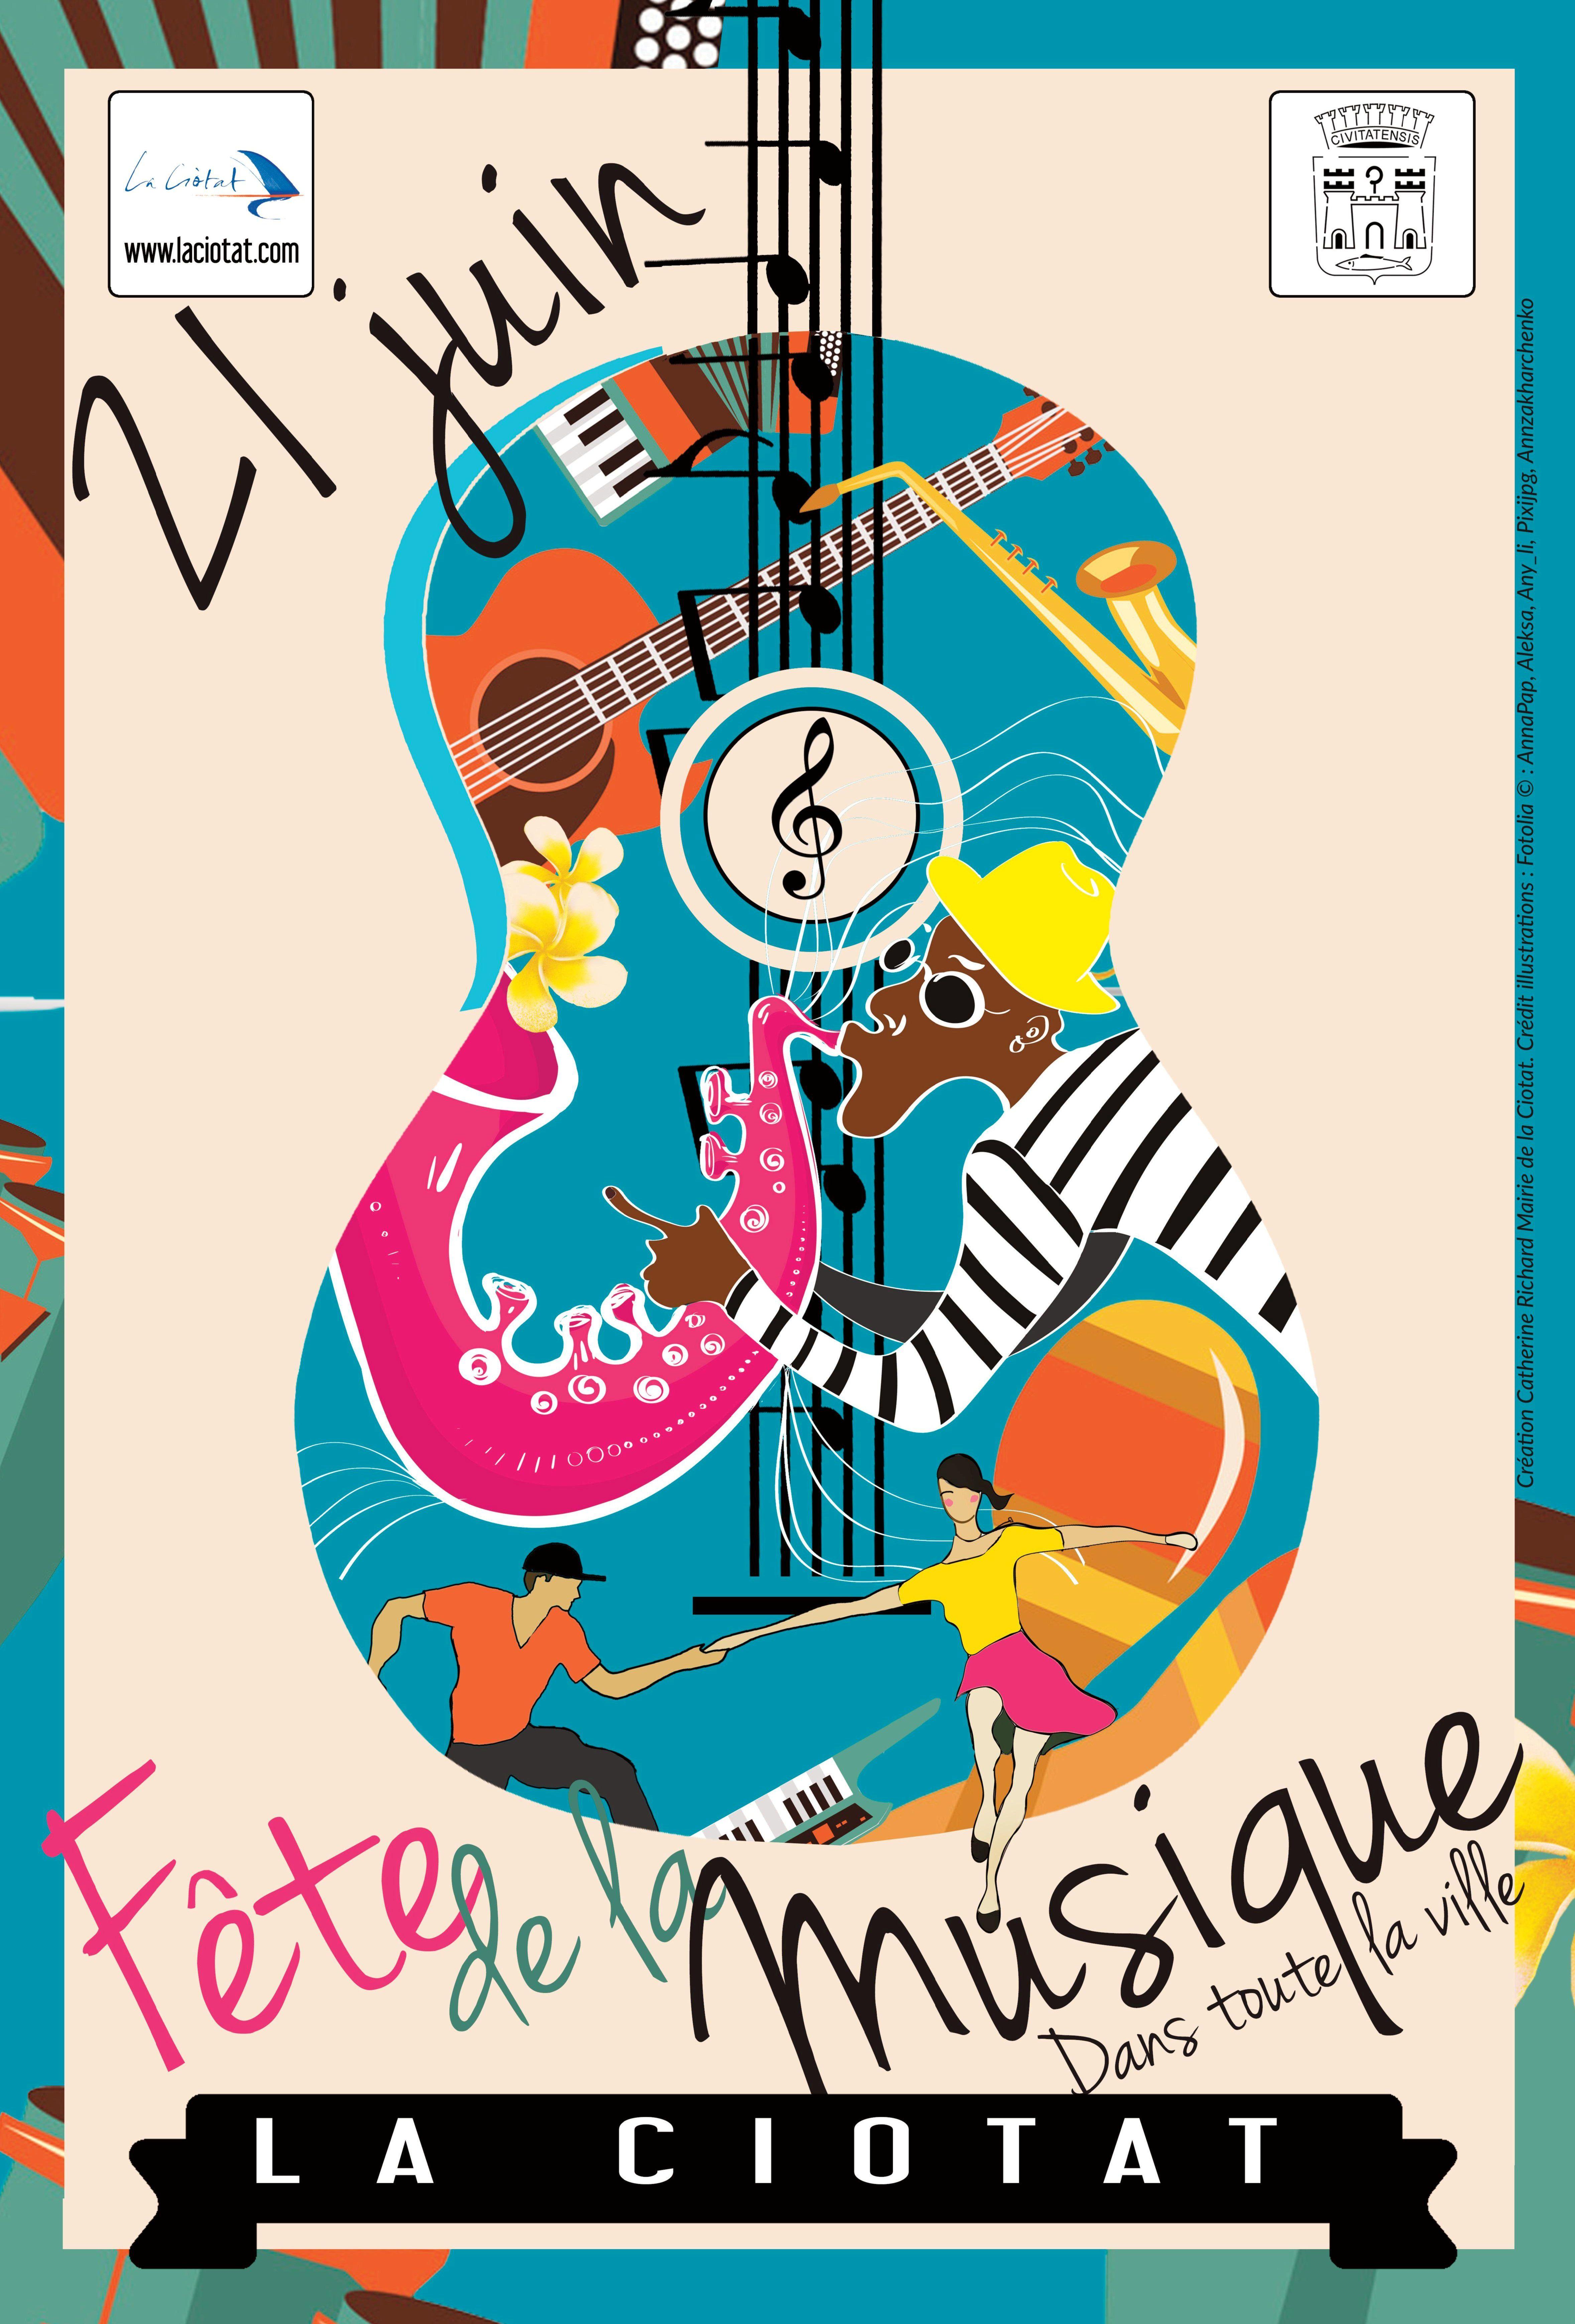 Fete De La Musique 2016 Nancy : musique, nancy, Programme, Fête, Musique, Ciotat, Musique,, Affiche, Affiches